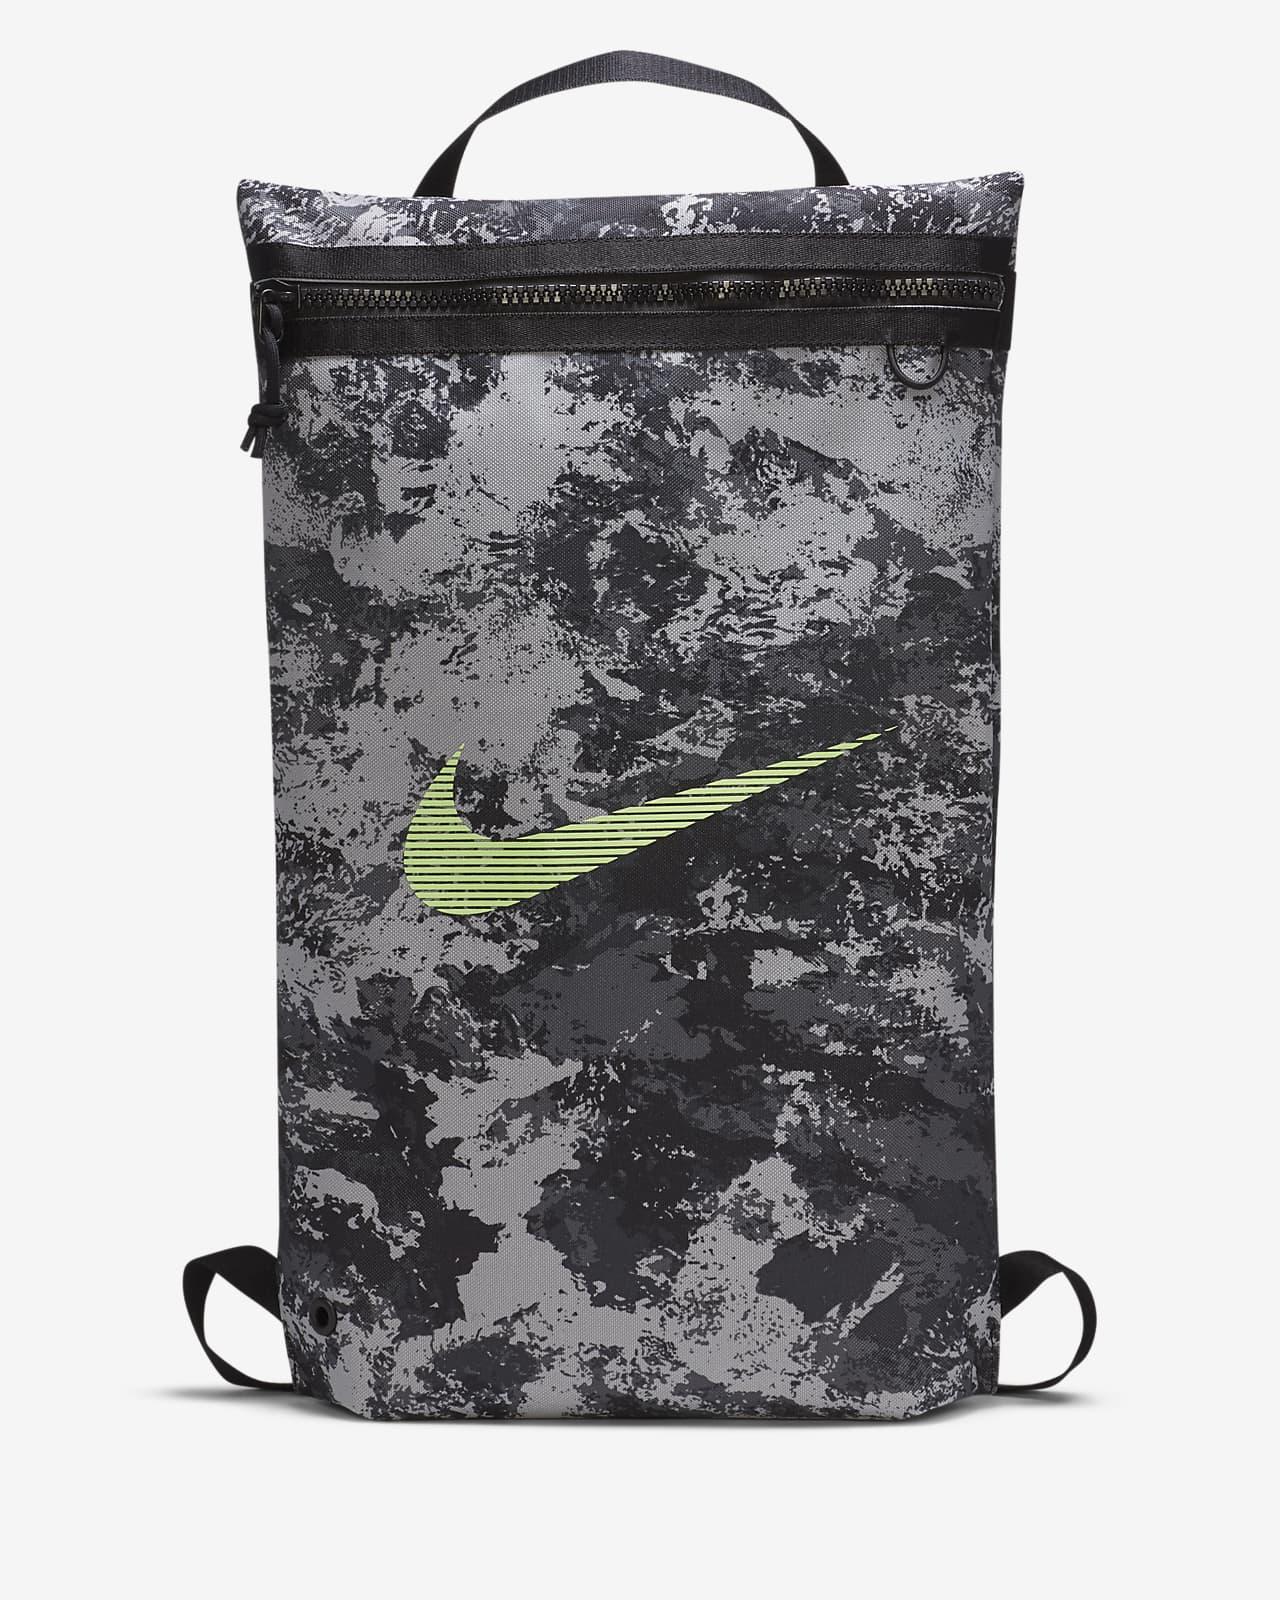 Tréninkový sportovní vak Nike Utility spotiskem